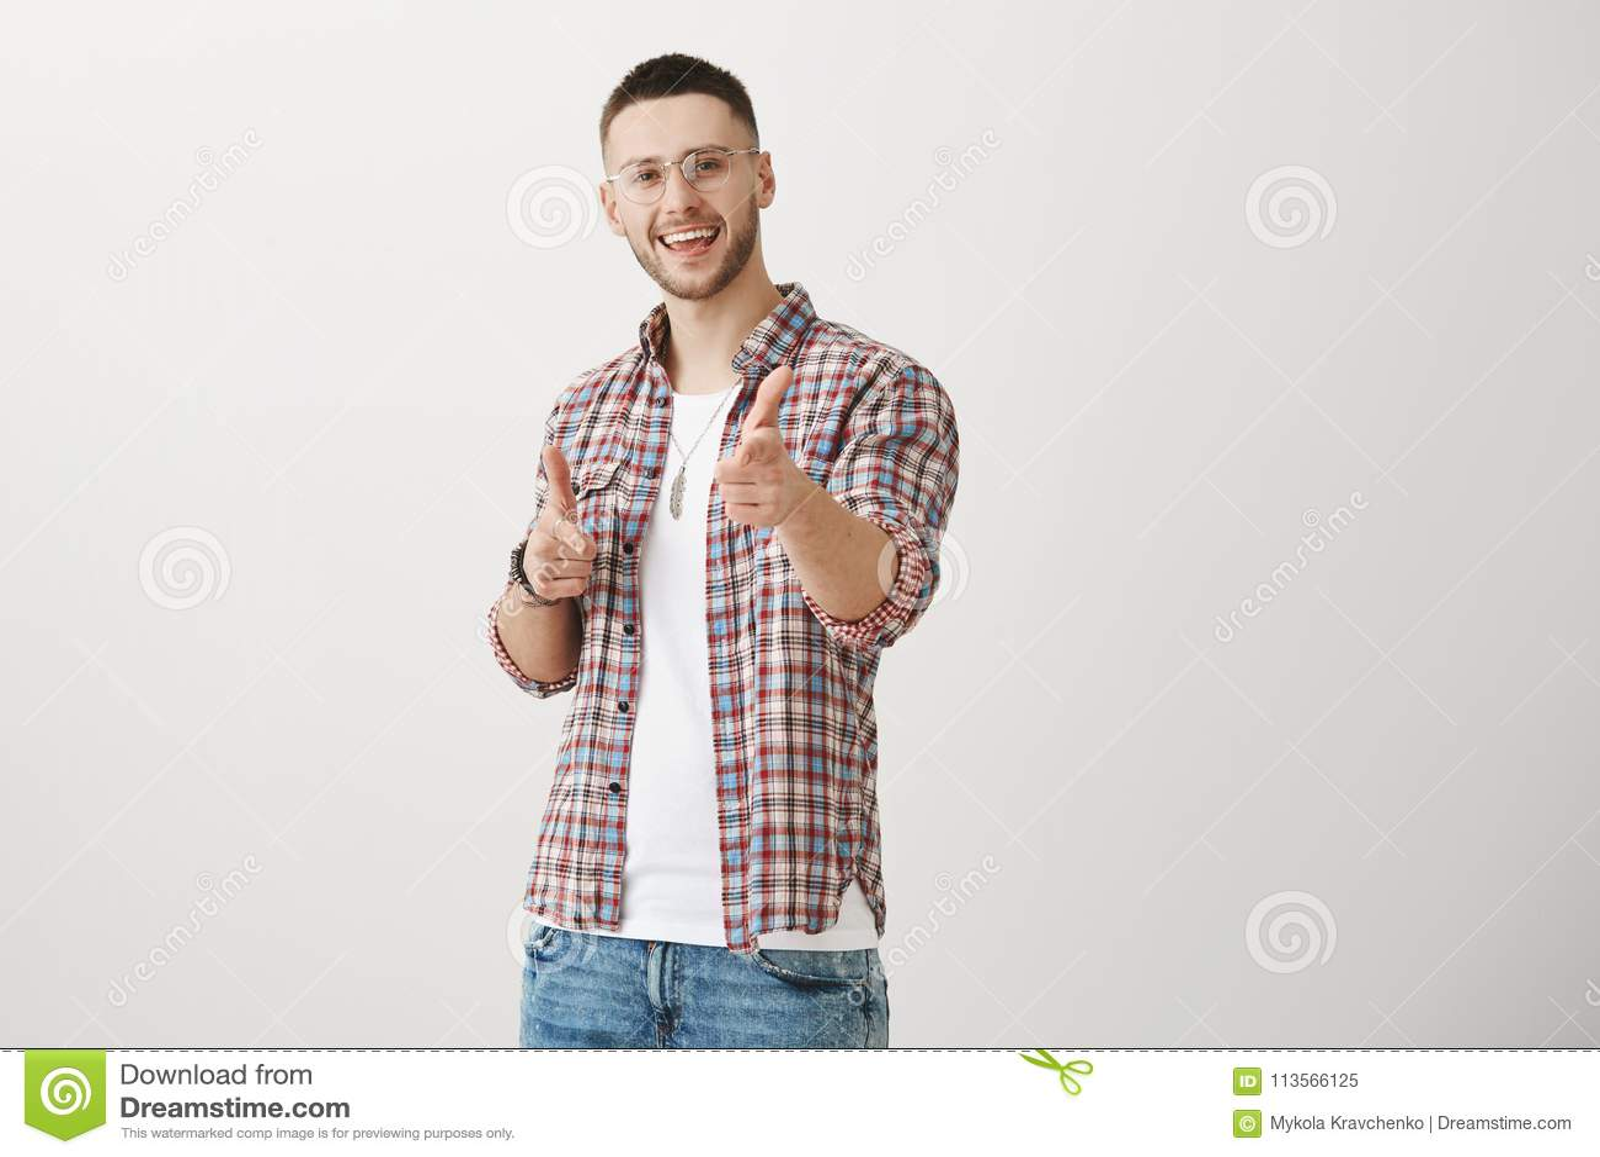 Με πιάσατε με τη γοητεία σας Εσωτερικός πυροβολισμός του θετικού ελκυστικού νεαρού άνδρα με τη σκληρή τρίχα, που δείχνει στη κάμε